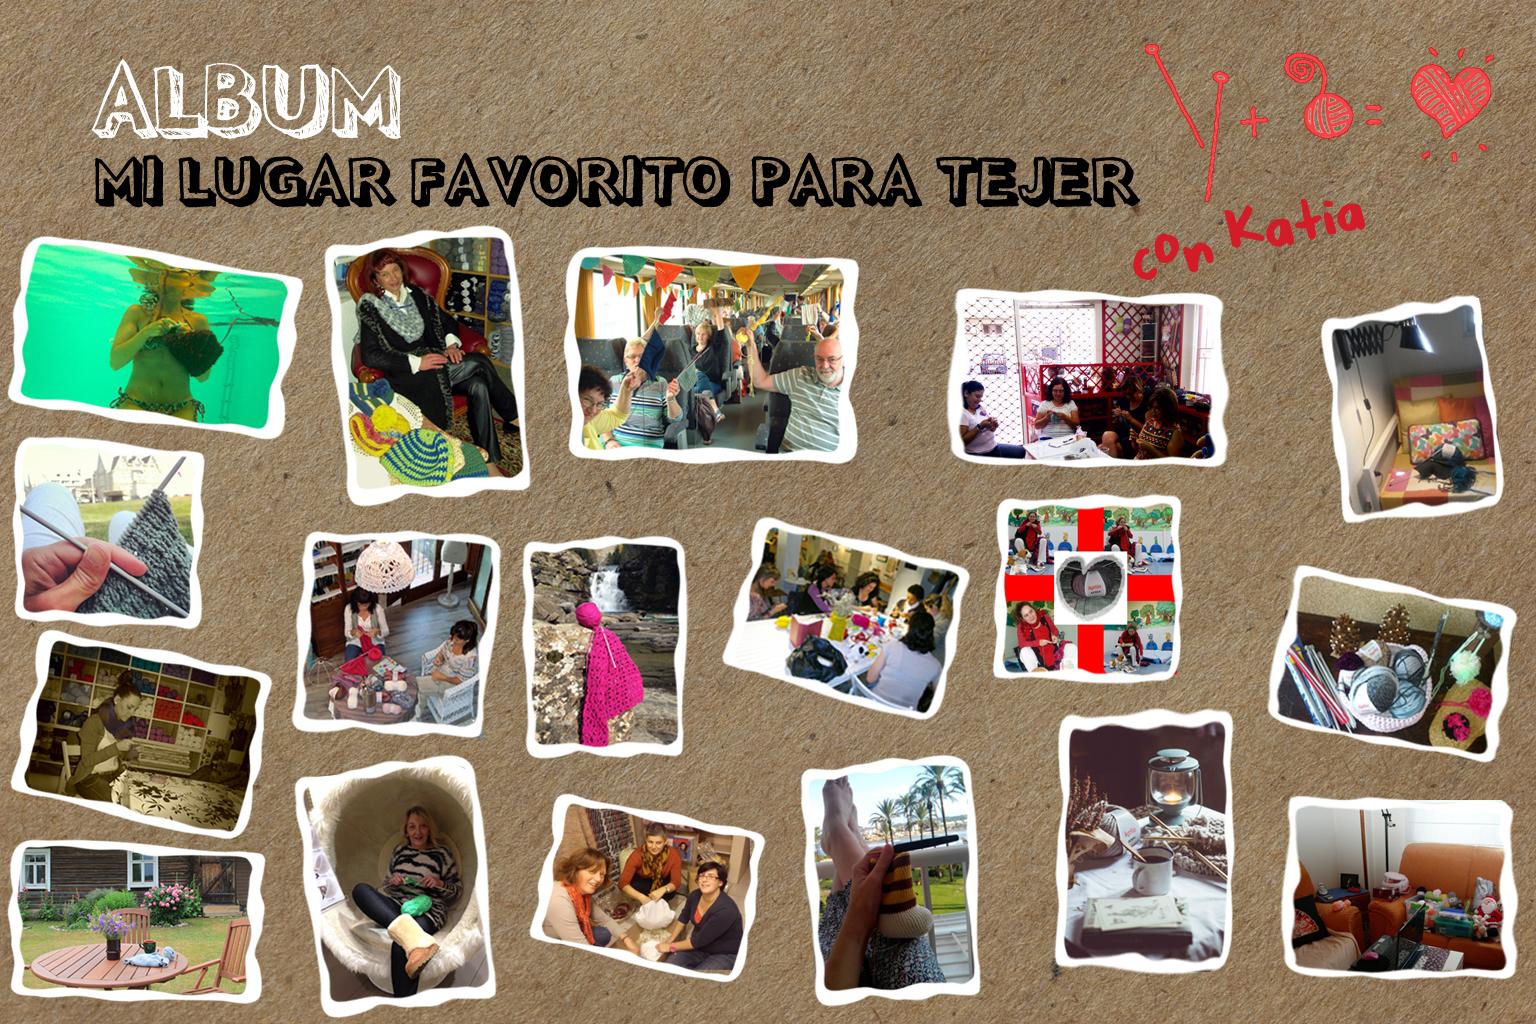 Album Katia